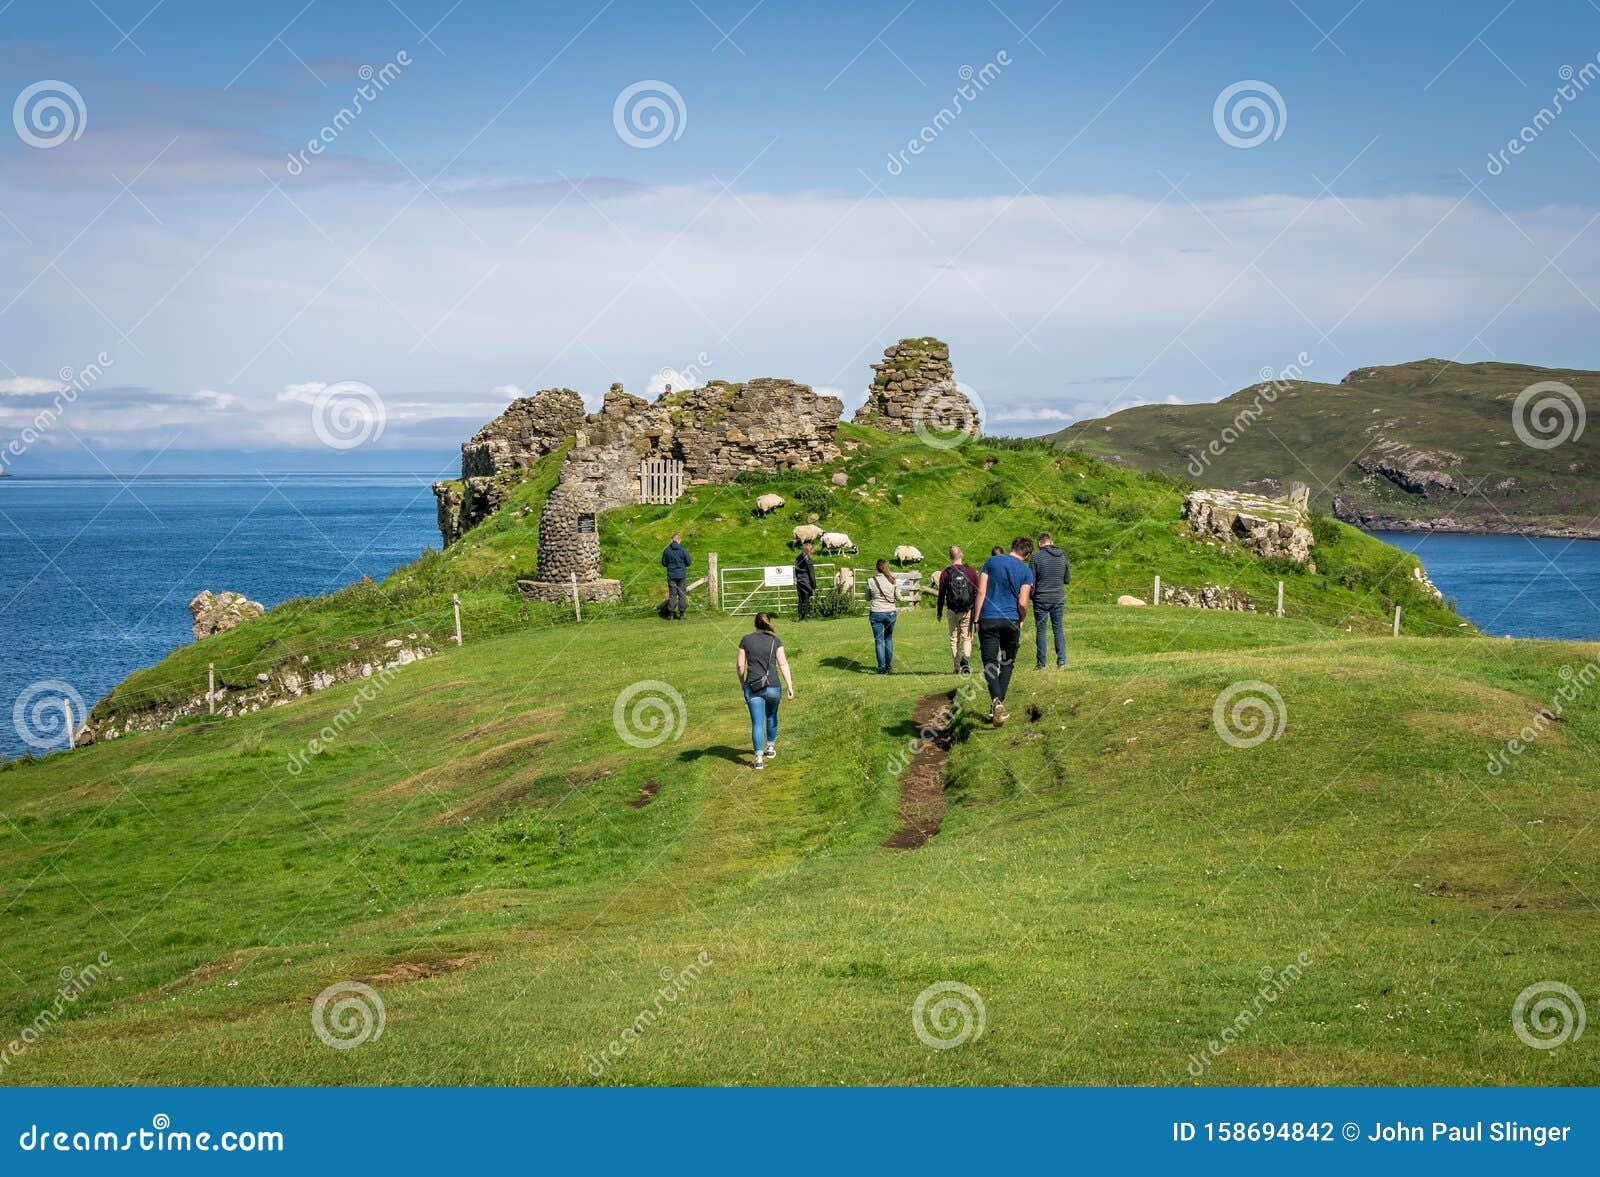 1739年废弃的中世纪城堡的零星悬崖,曾是麦当劳家族的所在地库存照片 ...